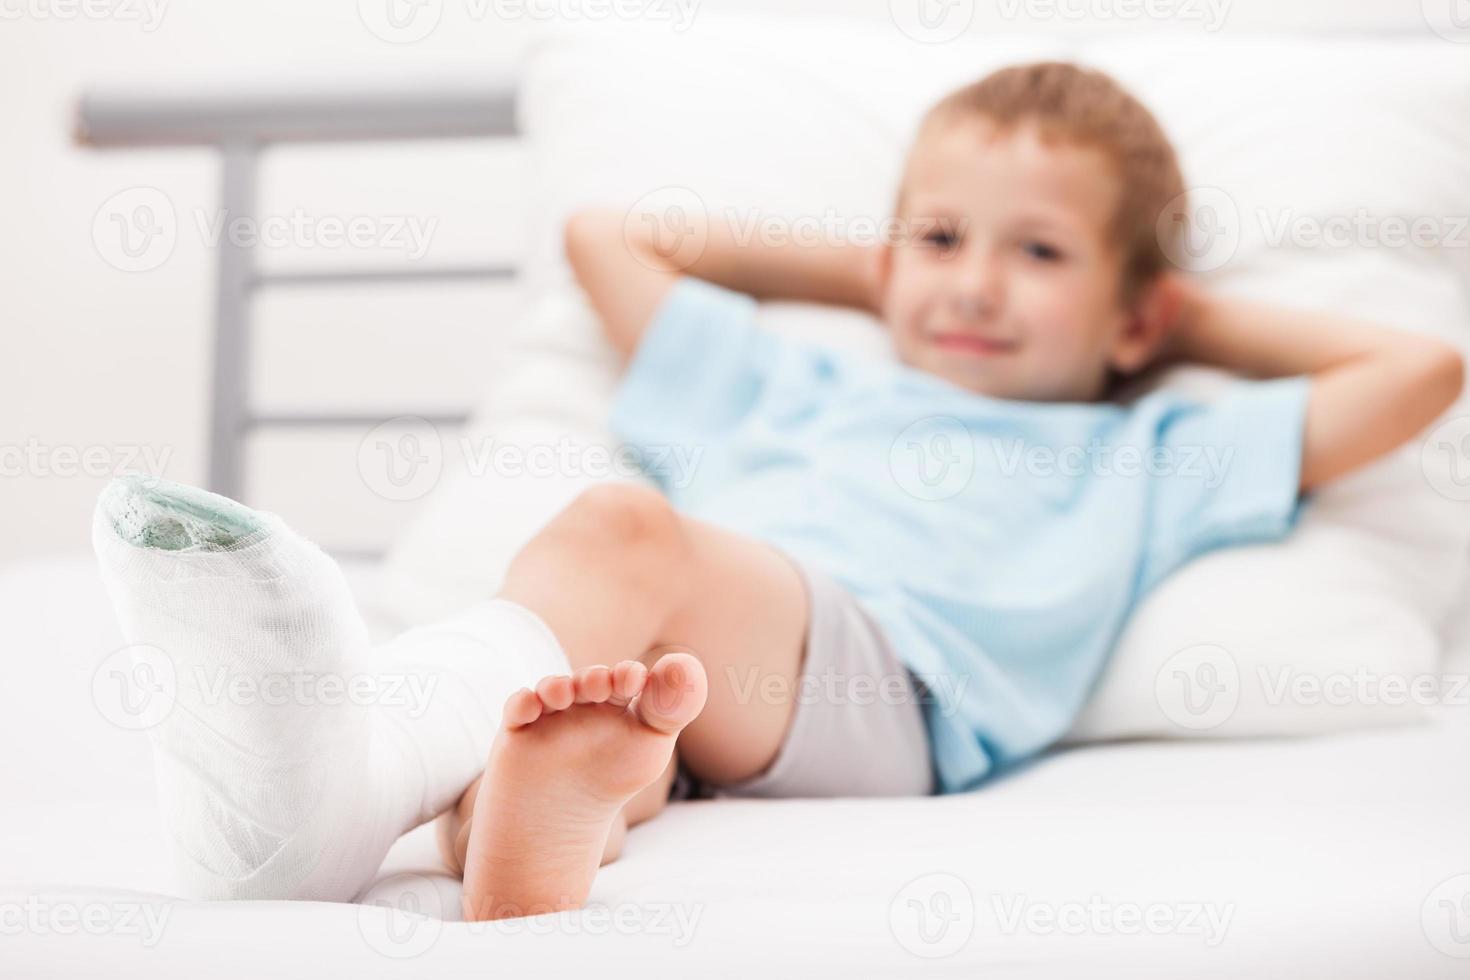 Kinderbein-Fersenbruch oder gebrochener Fußknochenpflasterverband foto